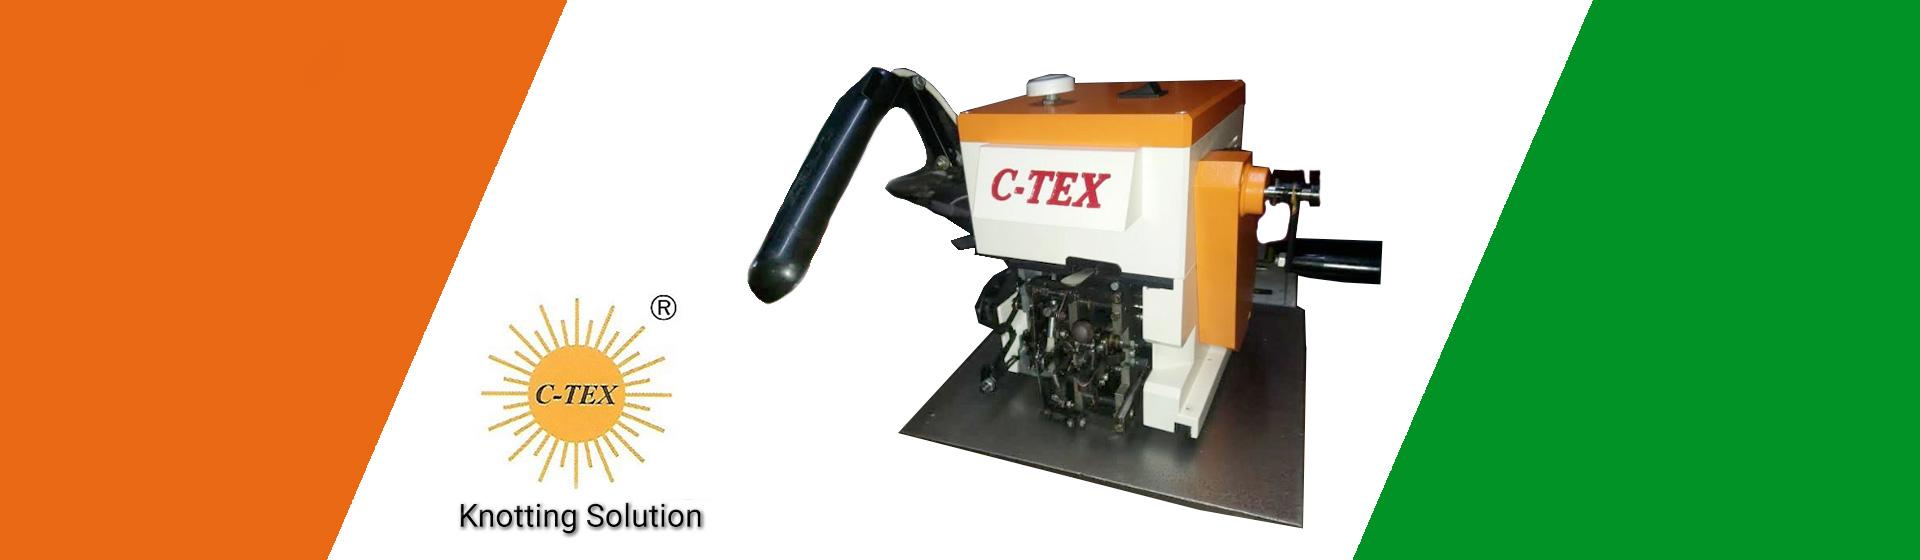 c-tex product